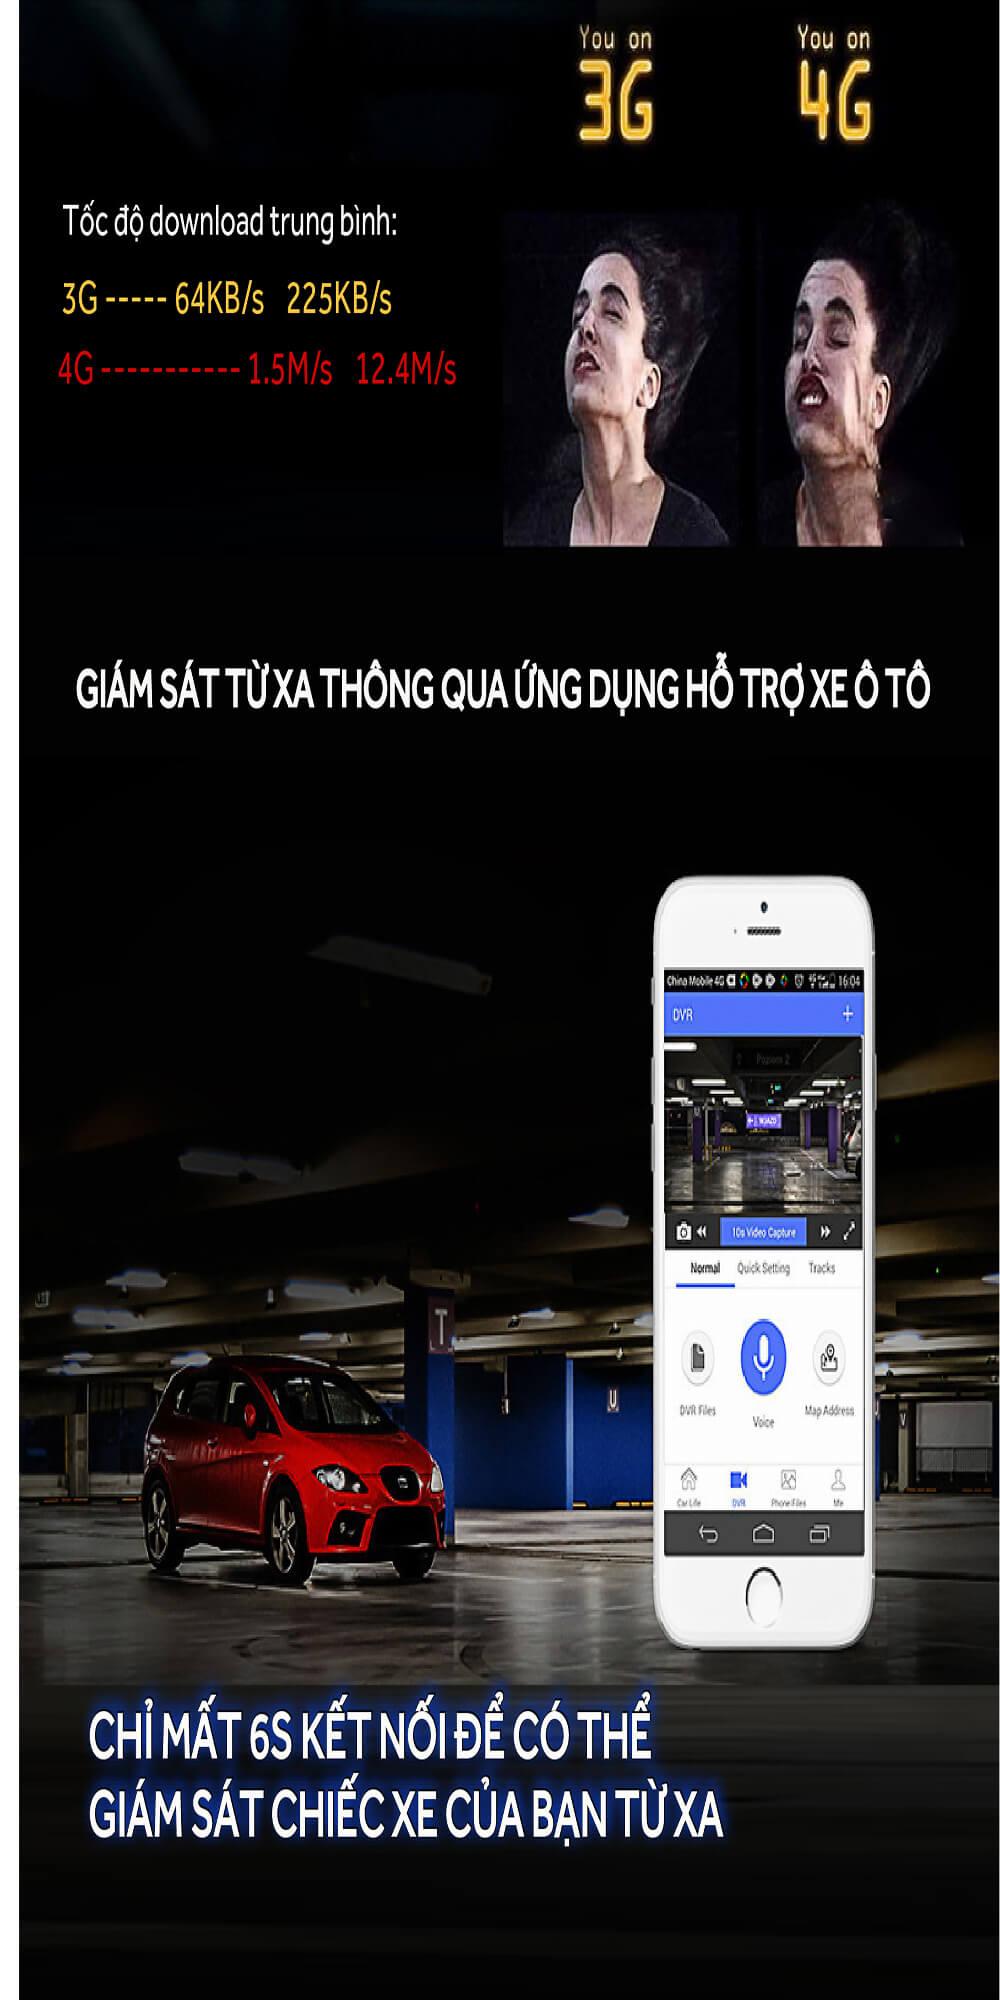 ứng dụng hỗ trợ người dùng giám sát xe từ xa thông qua điện thoại di động